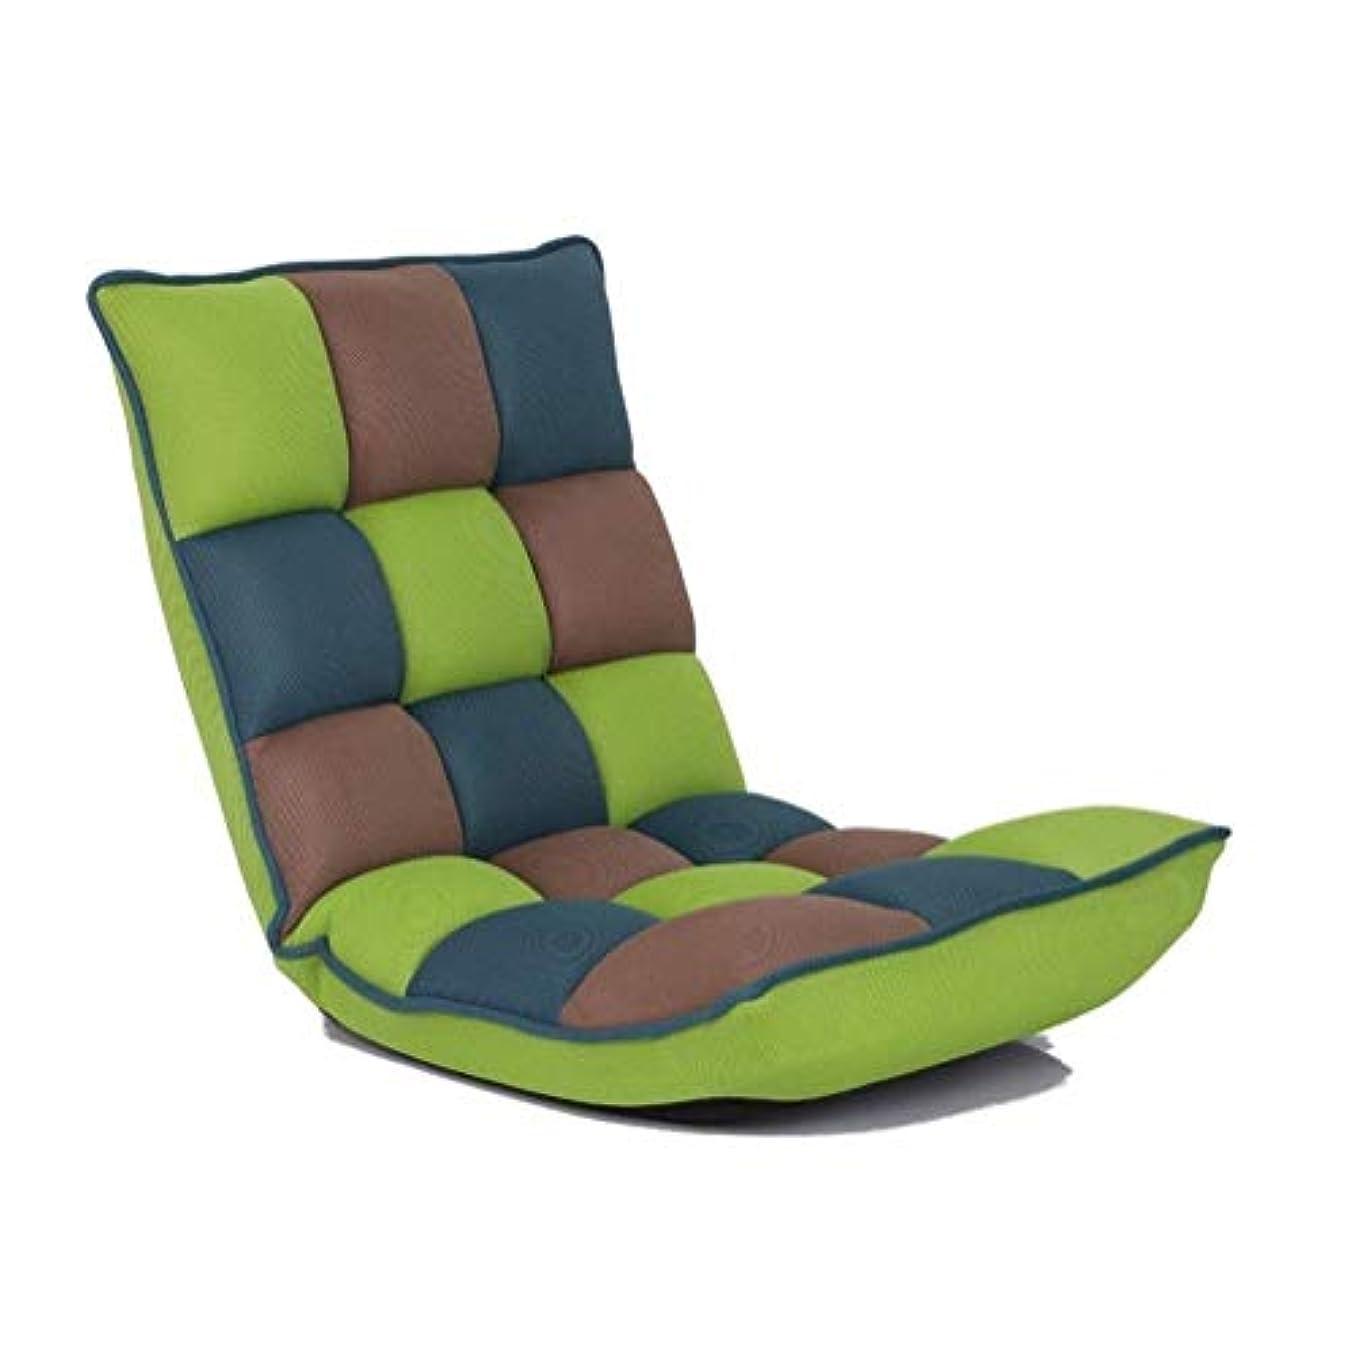 衝動不適結果怠zyなソファ、シングル畳、フロアチェア、快適なベッドルームコンピュータ折りたたみ式背もたれレッグレスウィンドウチェア (Color : 緑)